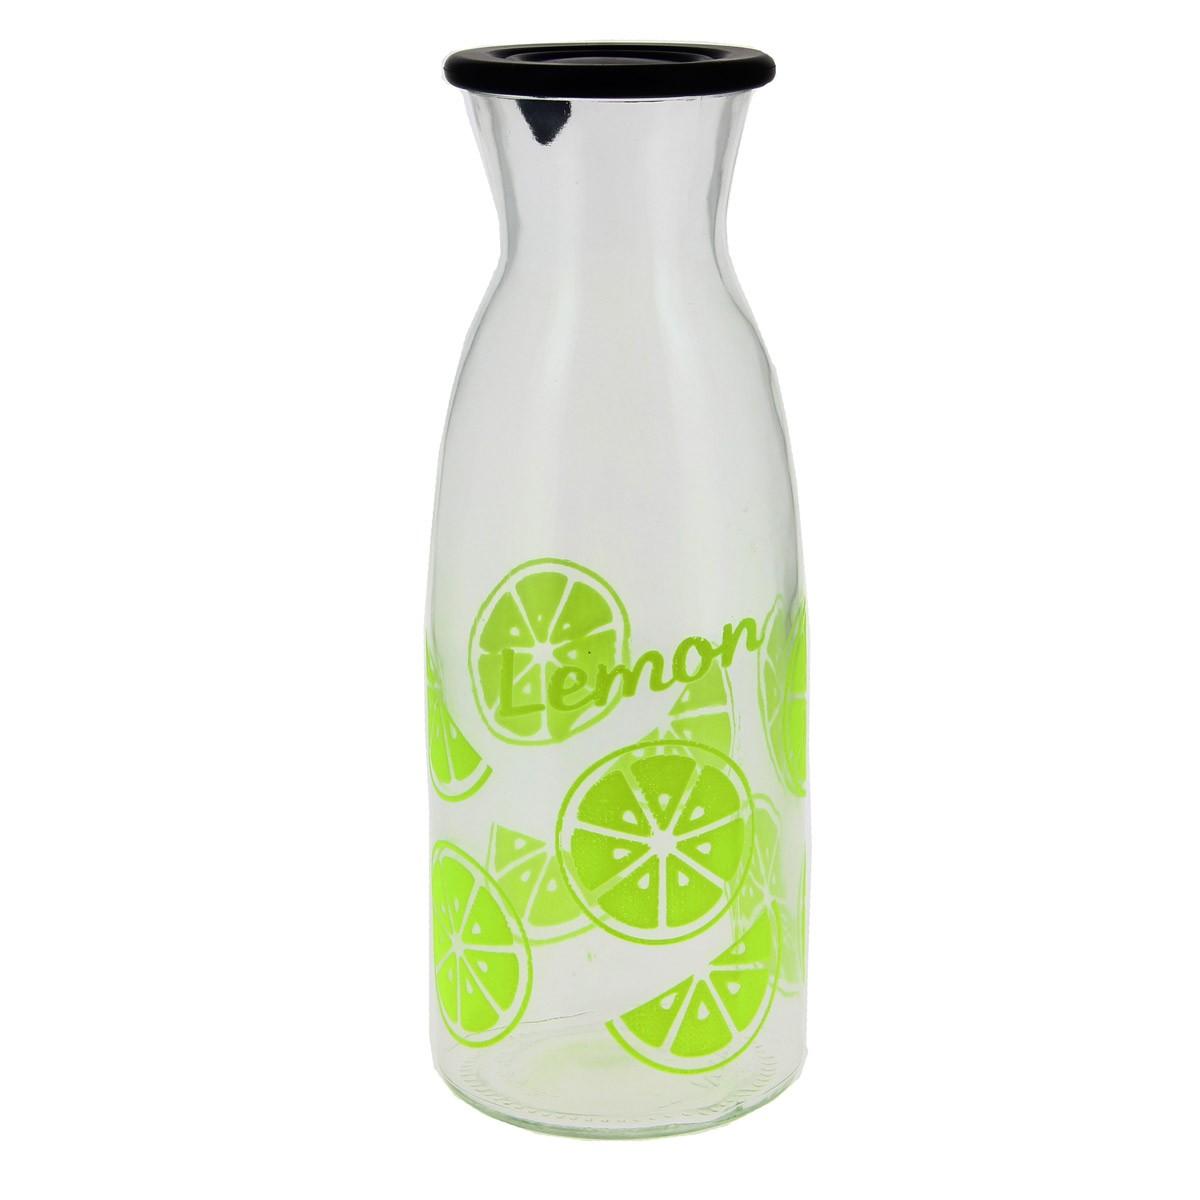 Μπουκάλι Με Καπάκι Marva Gummy Lemon Μ67590 home   κουζίνα   τραπεζαρία   κανάτες   μπουκάλια